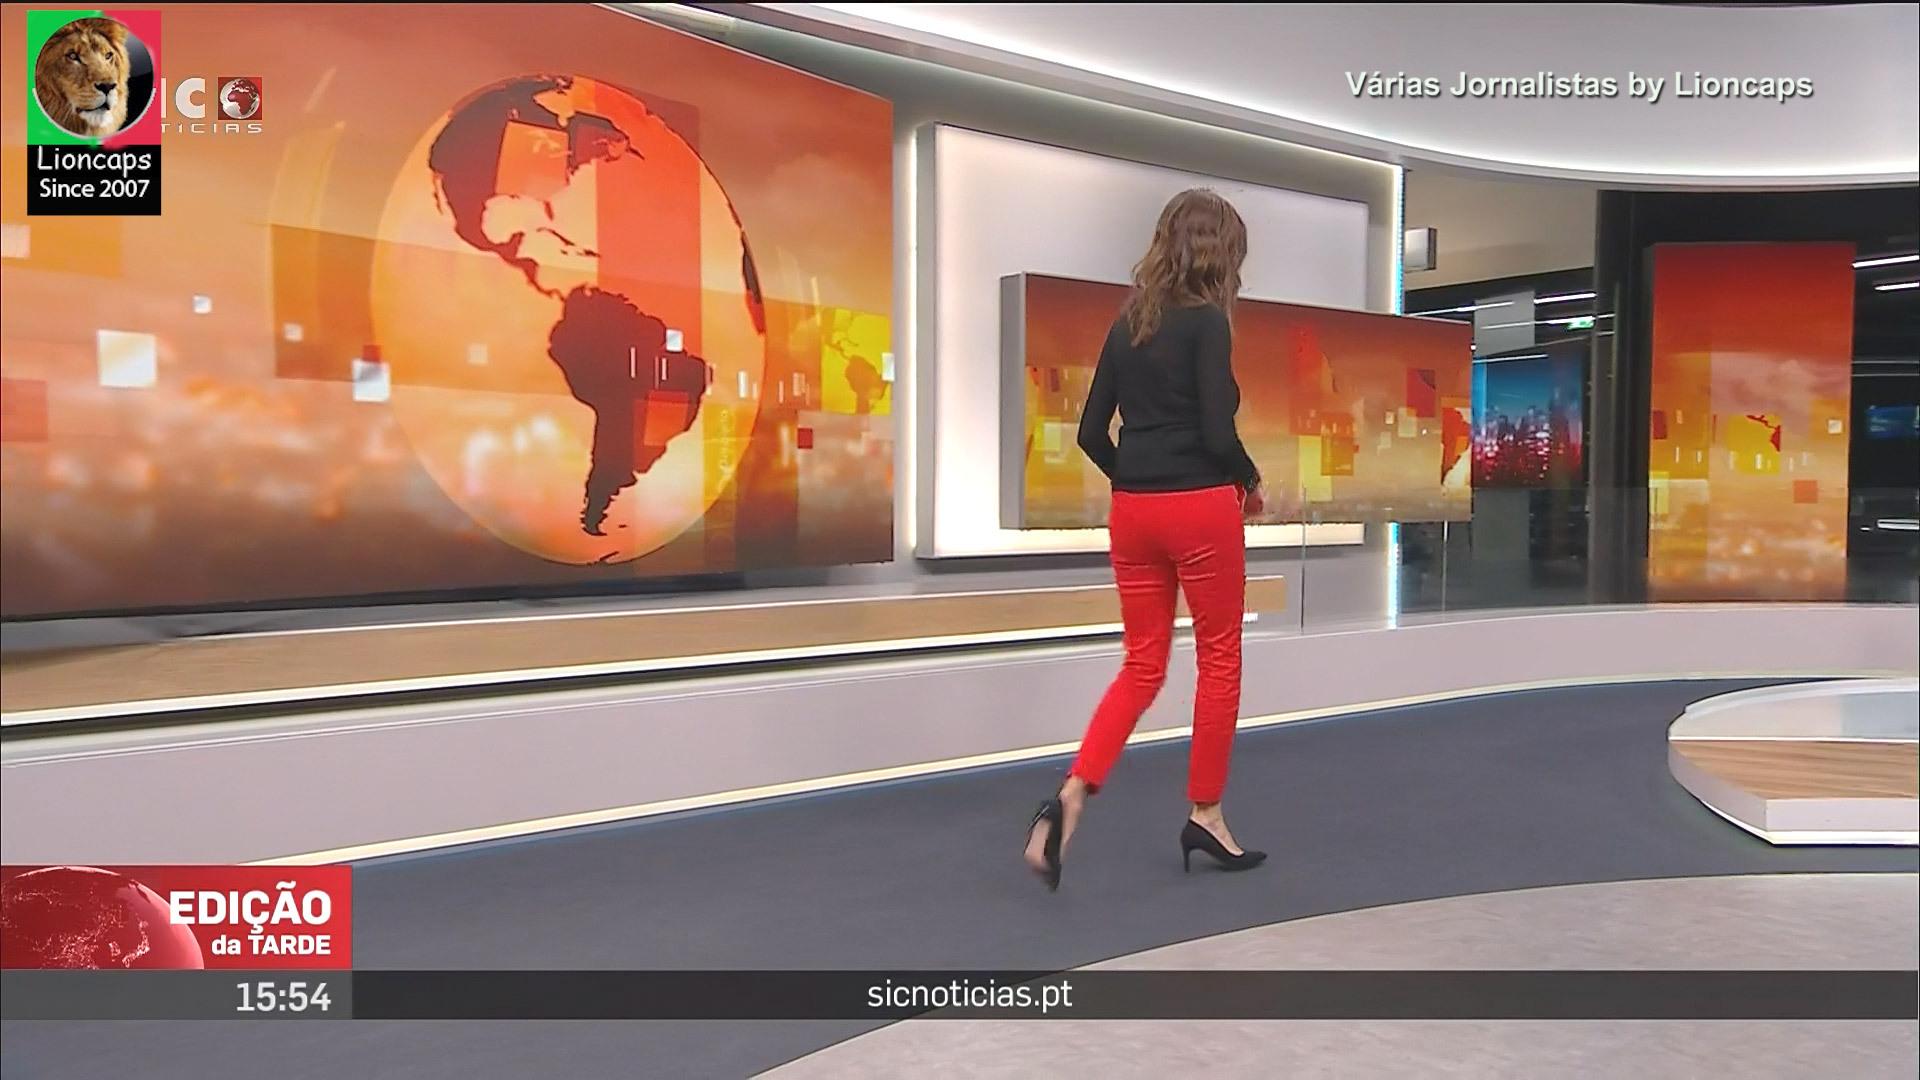 varias_jornalistas_lioncaps_27_12_2020_07 (7).jpg